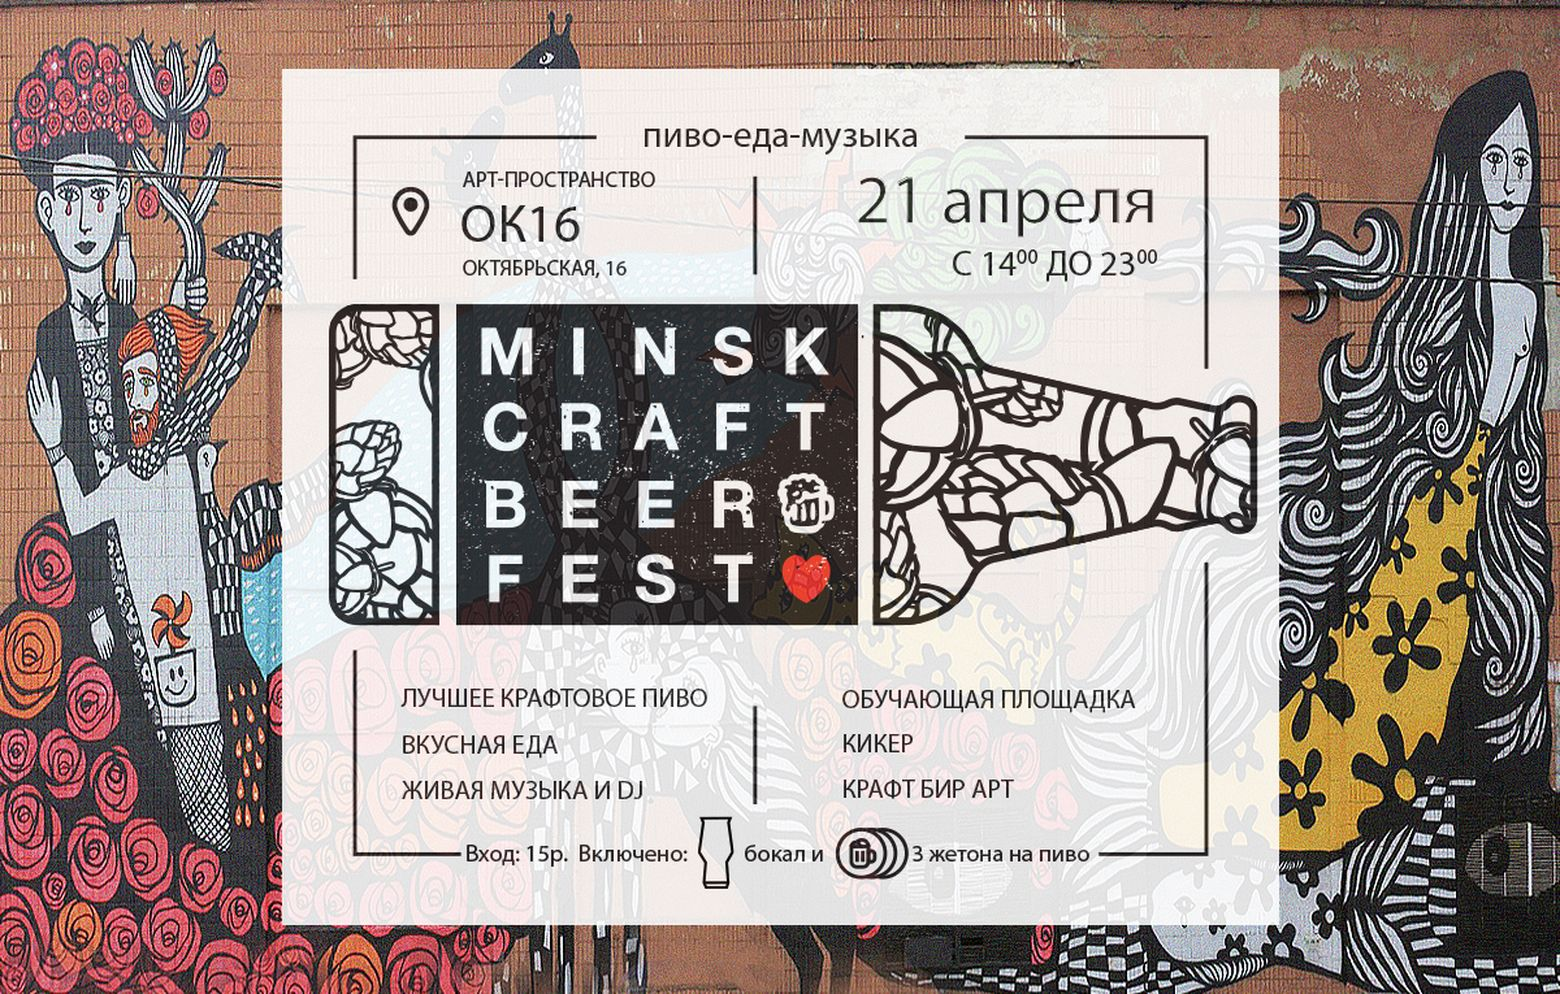 Minsk Craft Beer Fest афиша